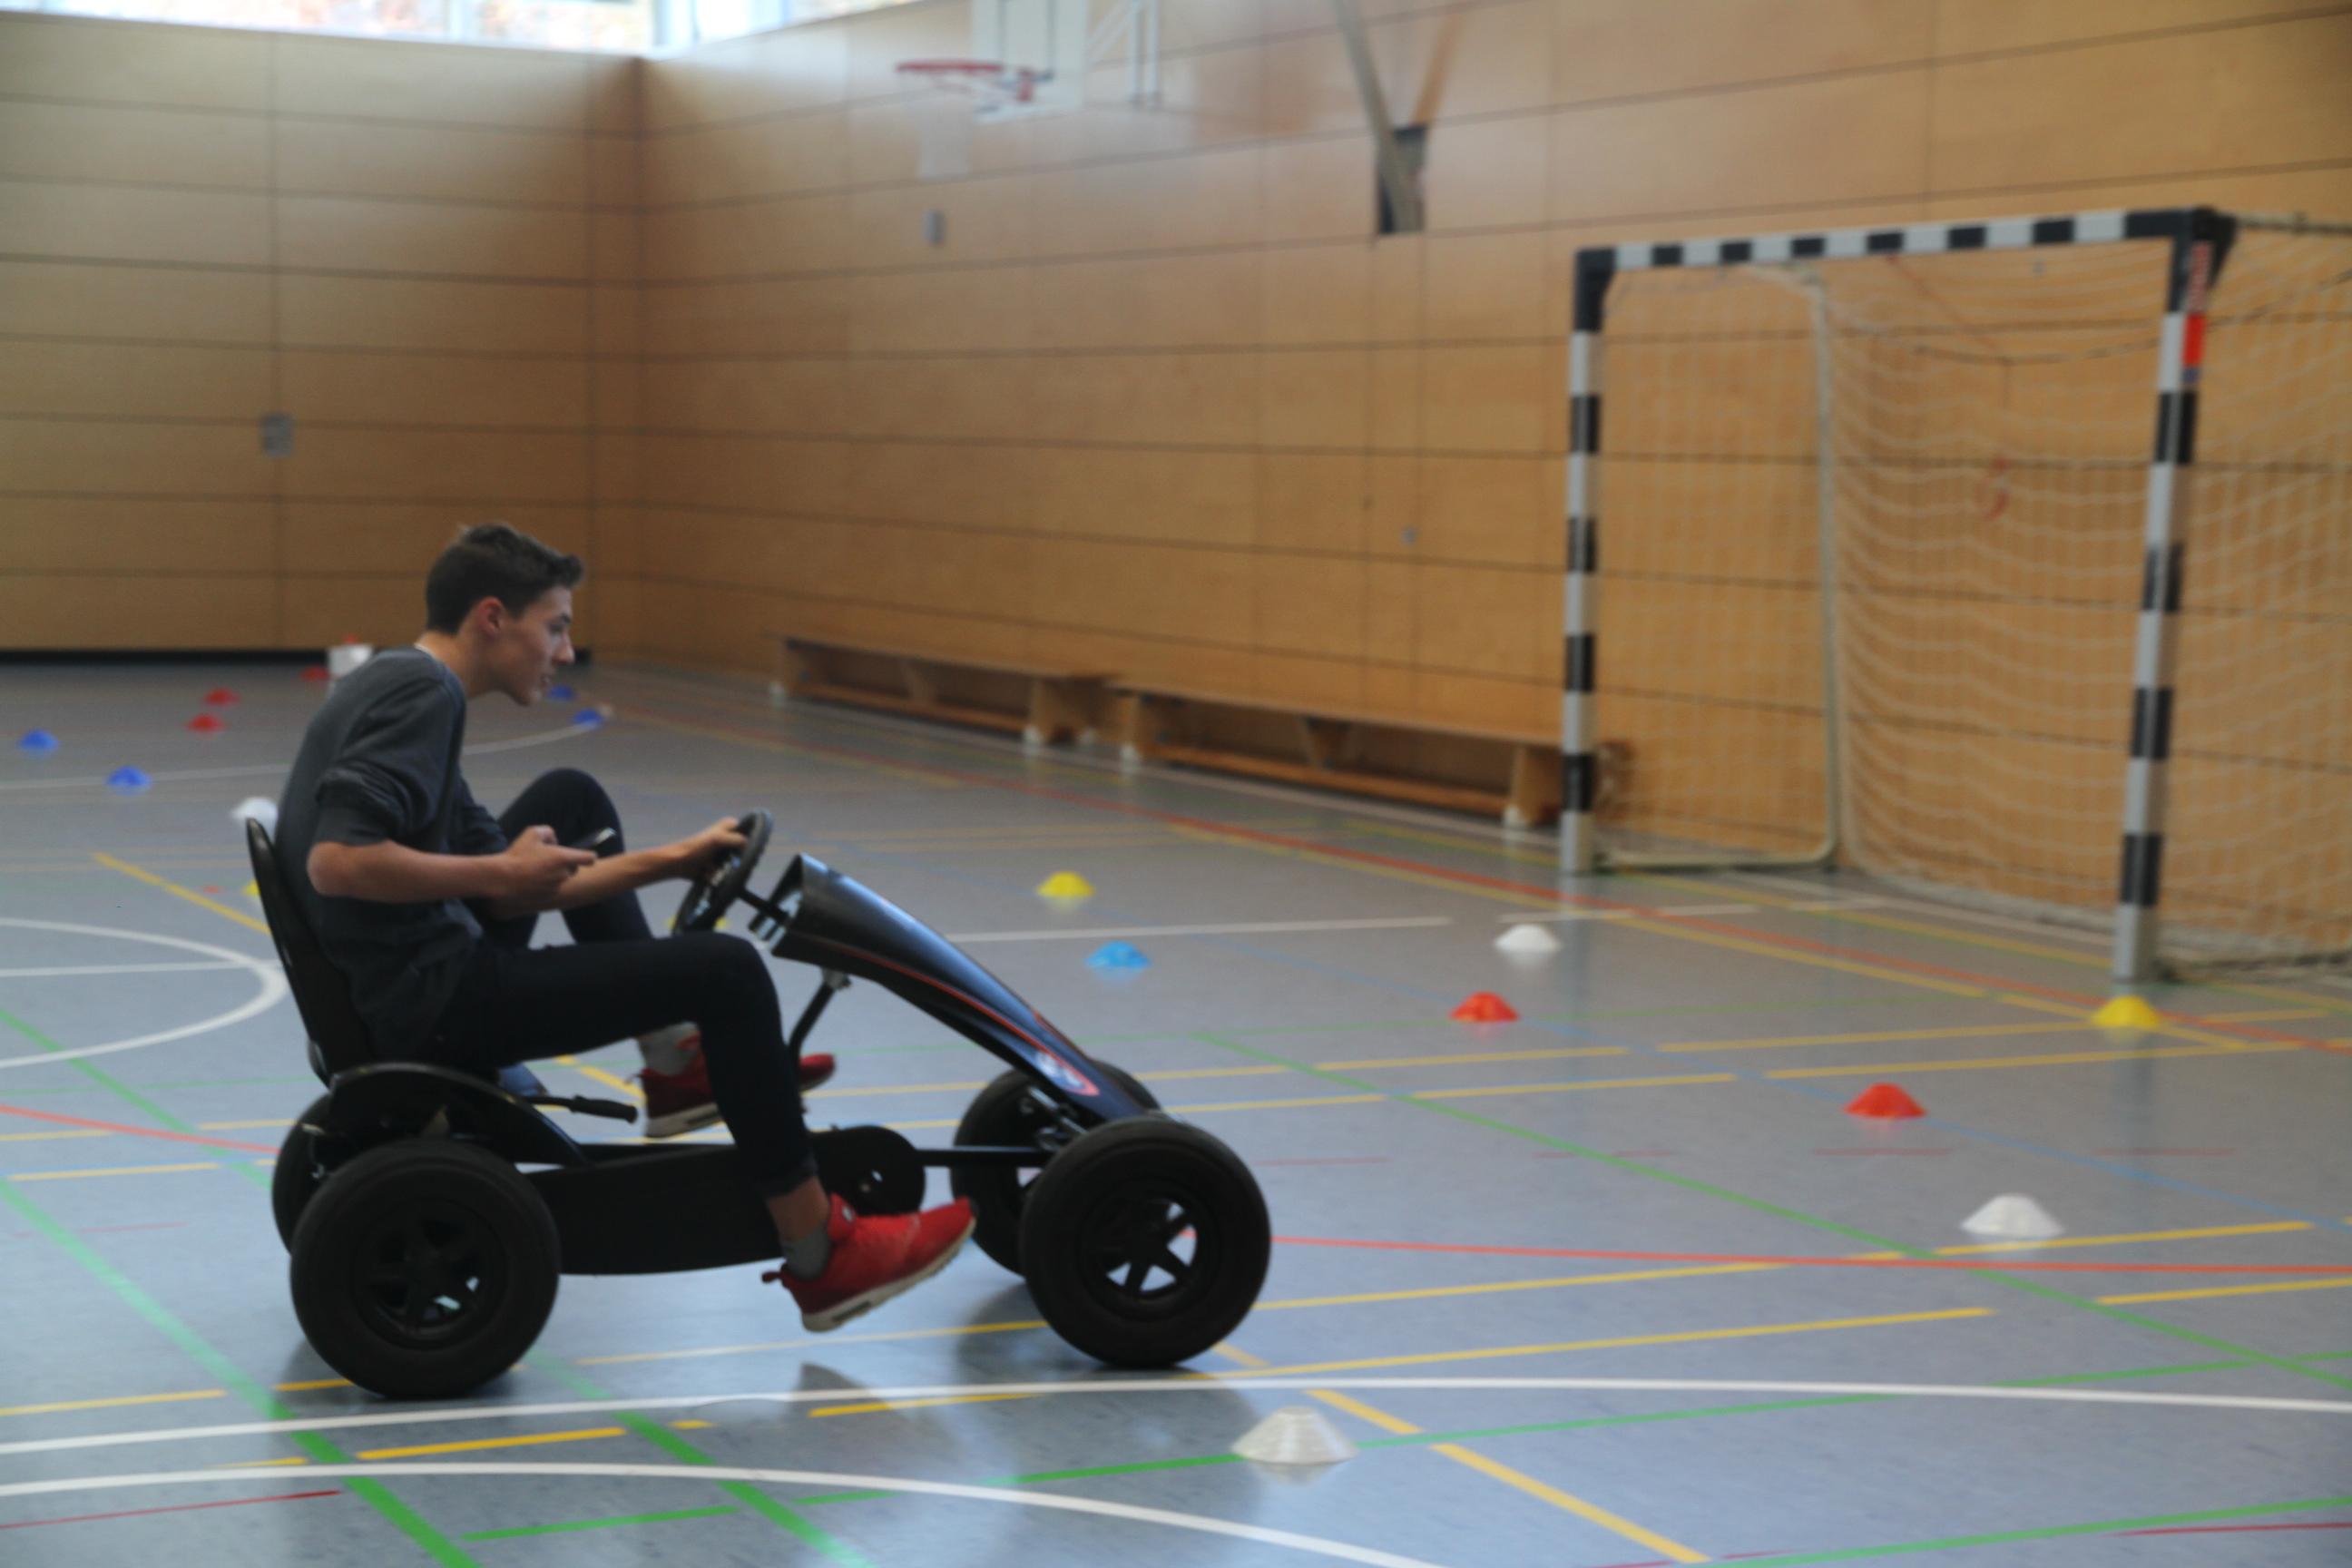 Ein Junge fährt mit einem Kettcar in einer Turnhalle um bunte Hütchen